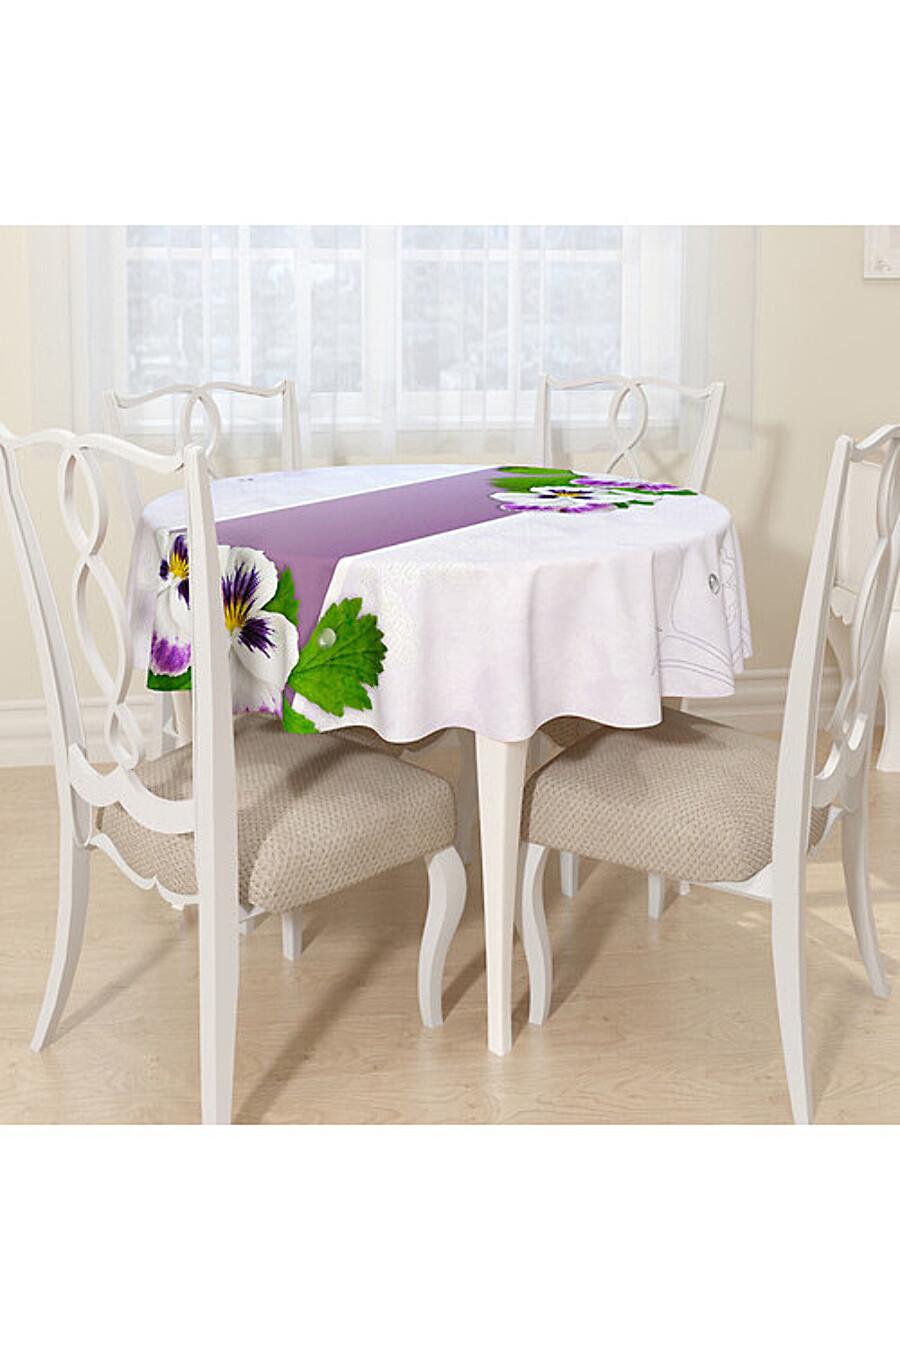 Скатерть для дома ART HOME TEXTILE 180306 купить оптом от производителя. Совместная покупка товаров для дома в OptMoyo